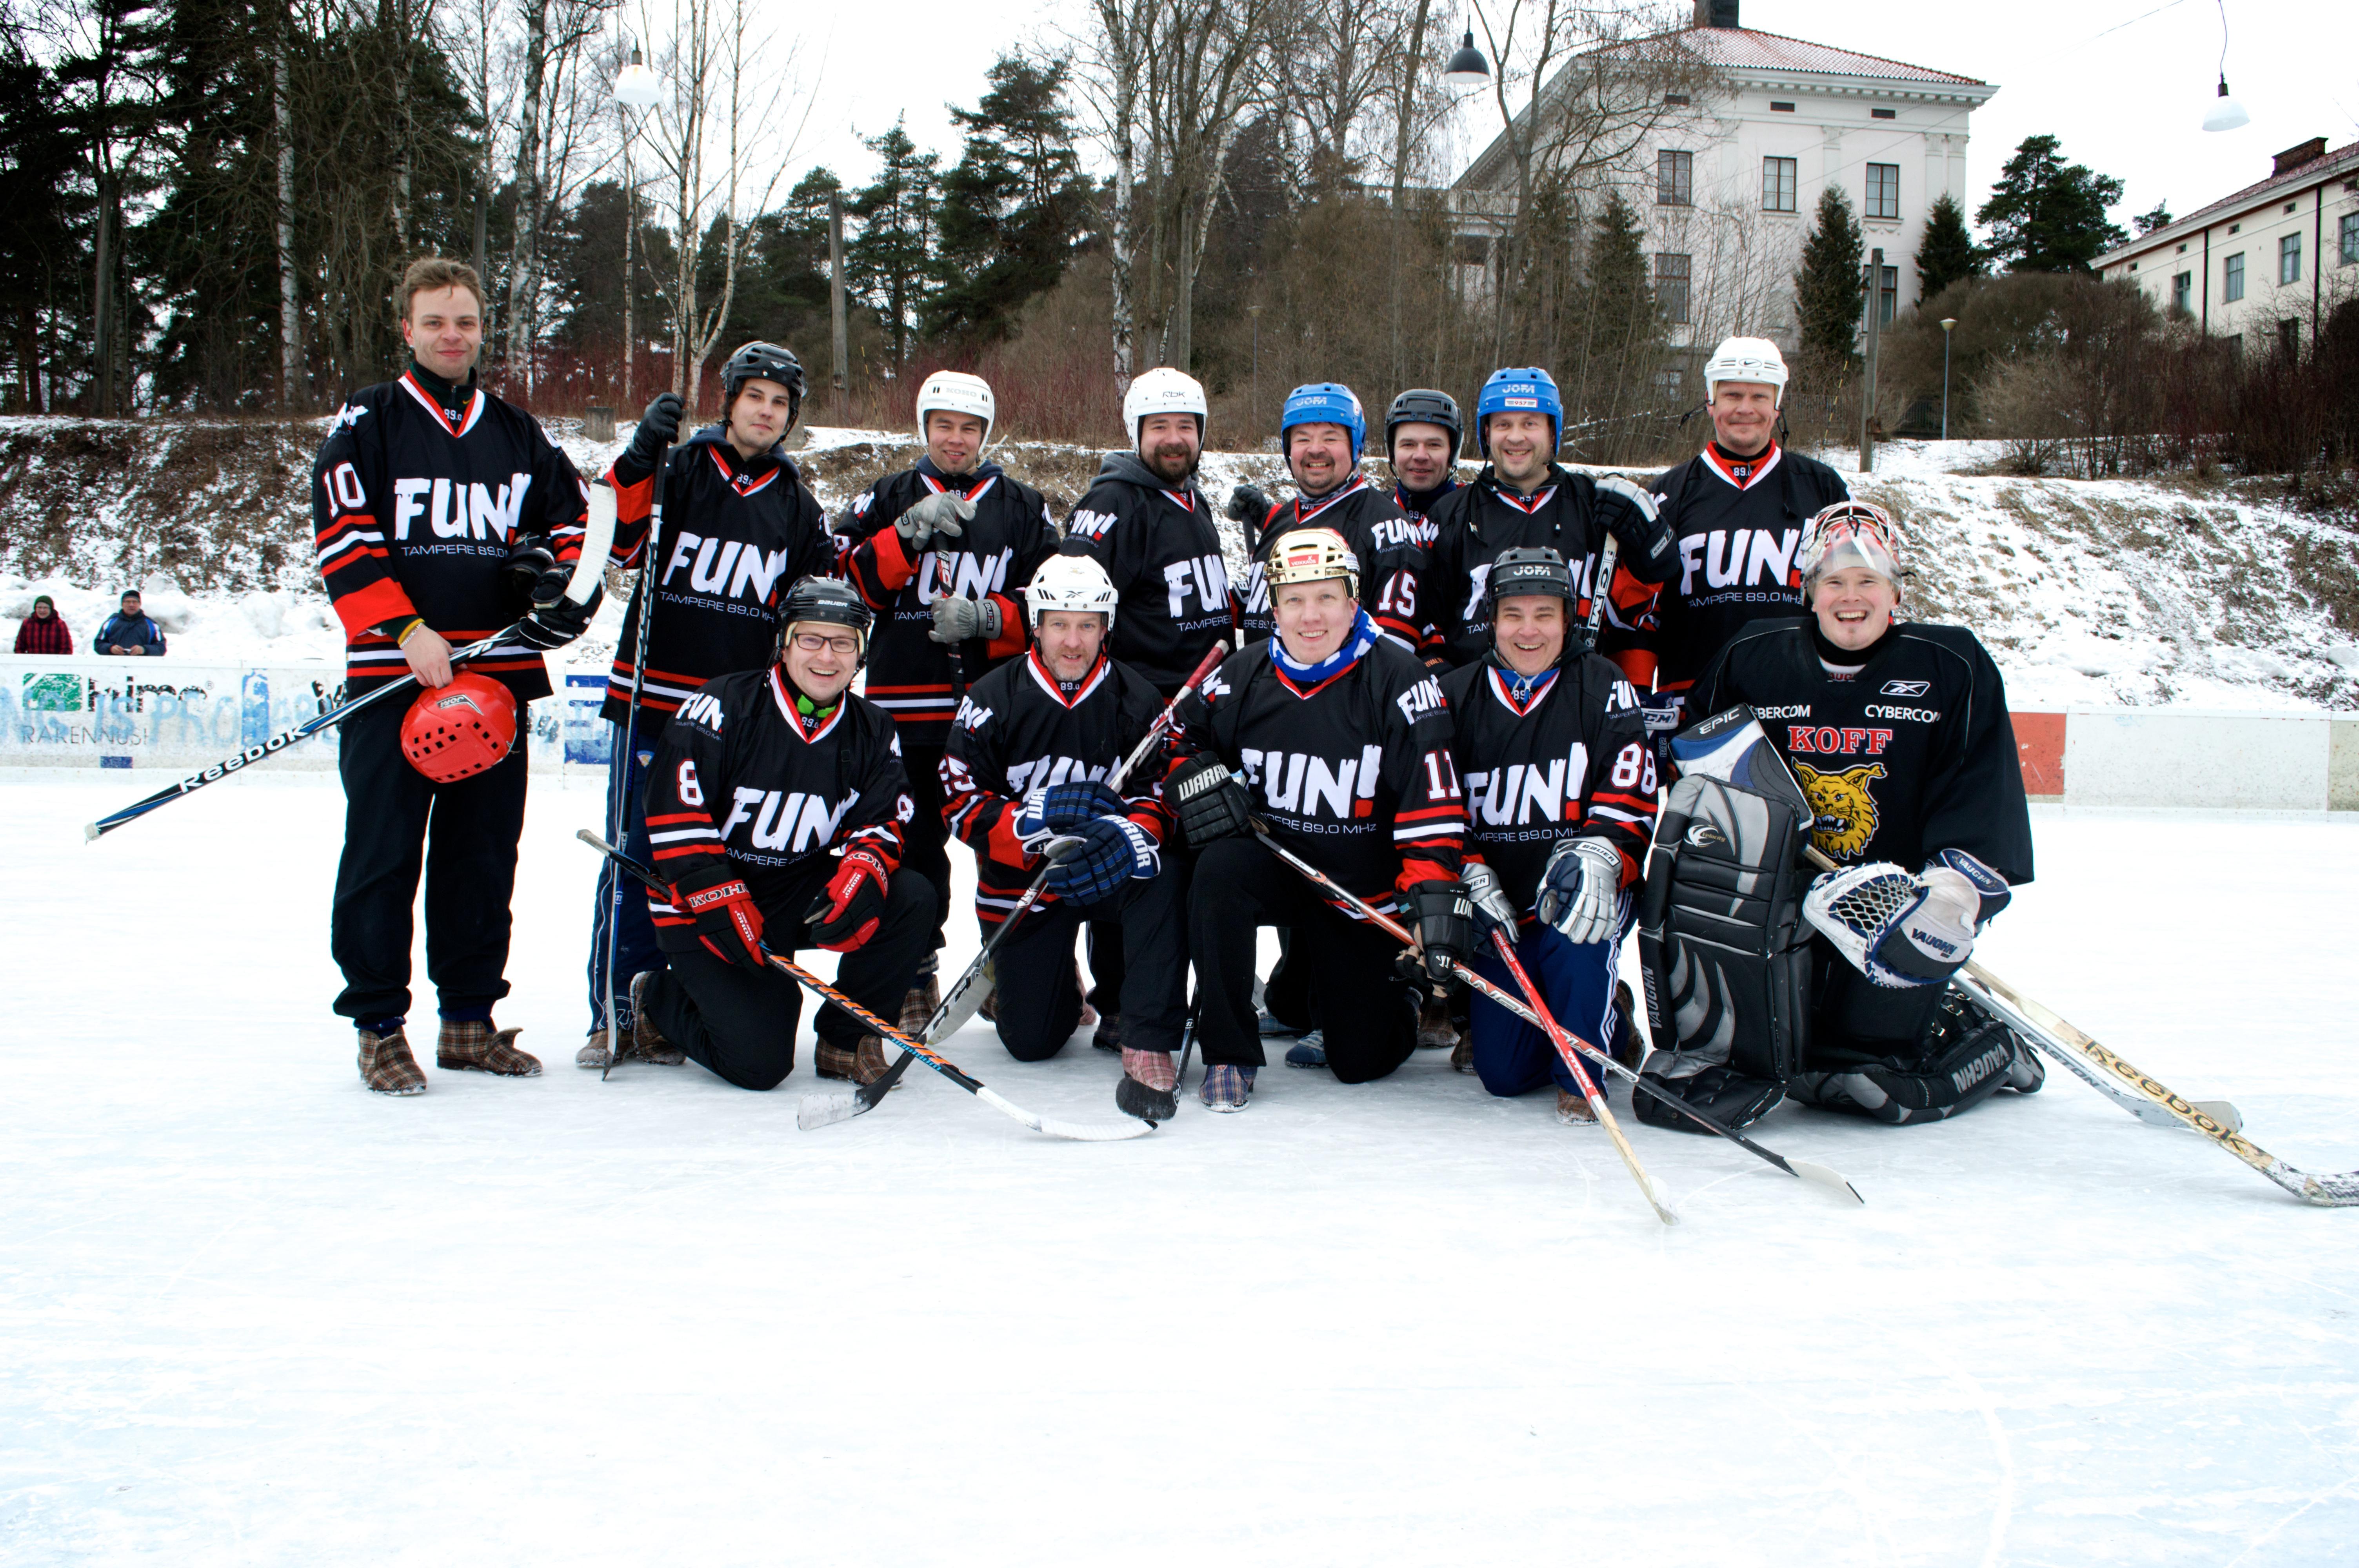 Fun Tampere, Kuva: Anu Laitila